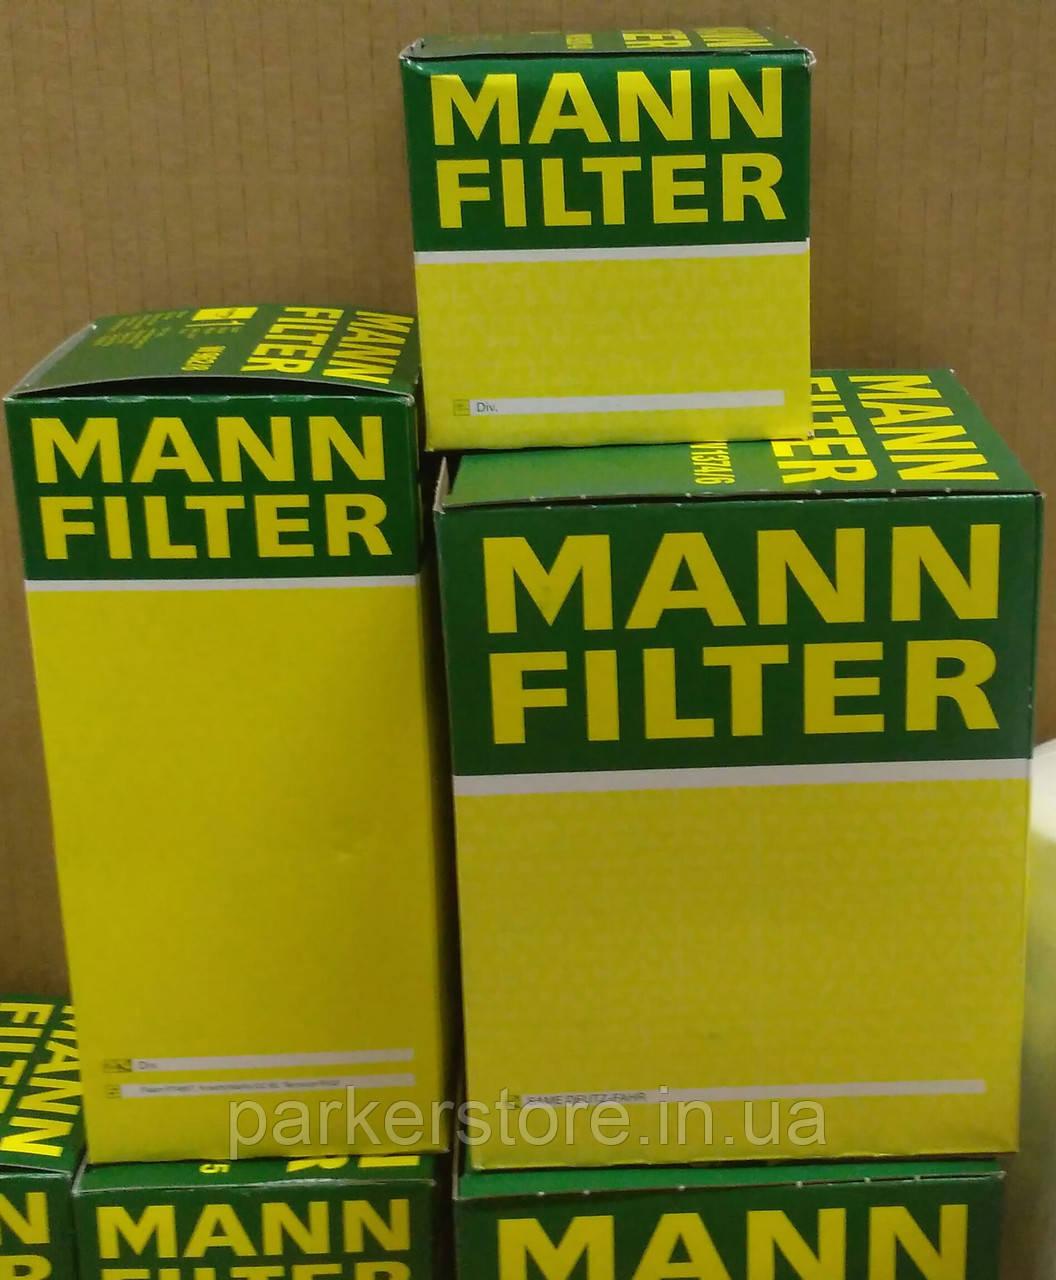 MANN FILTER / Воздушный фильтр / C 33 001 / C33001